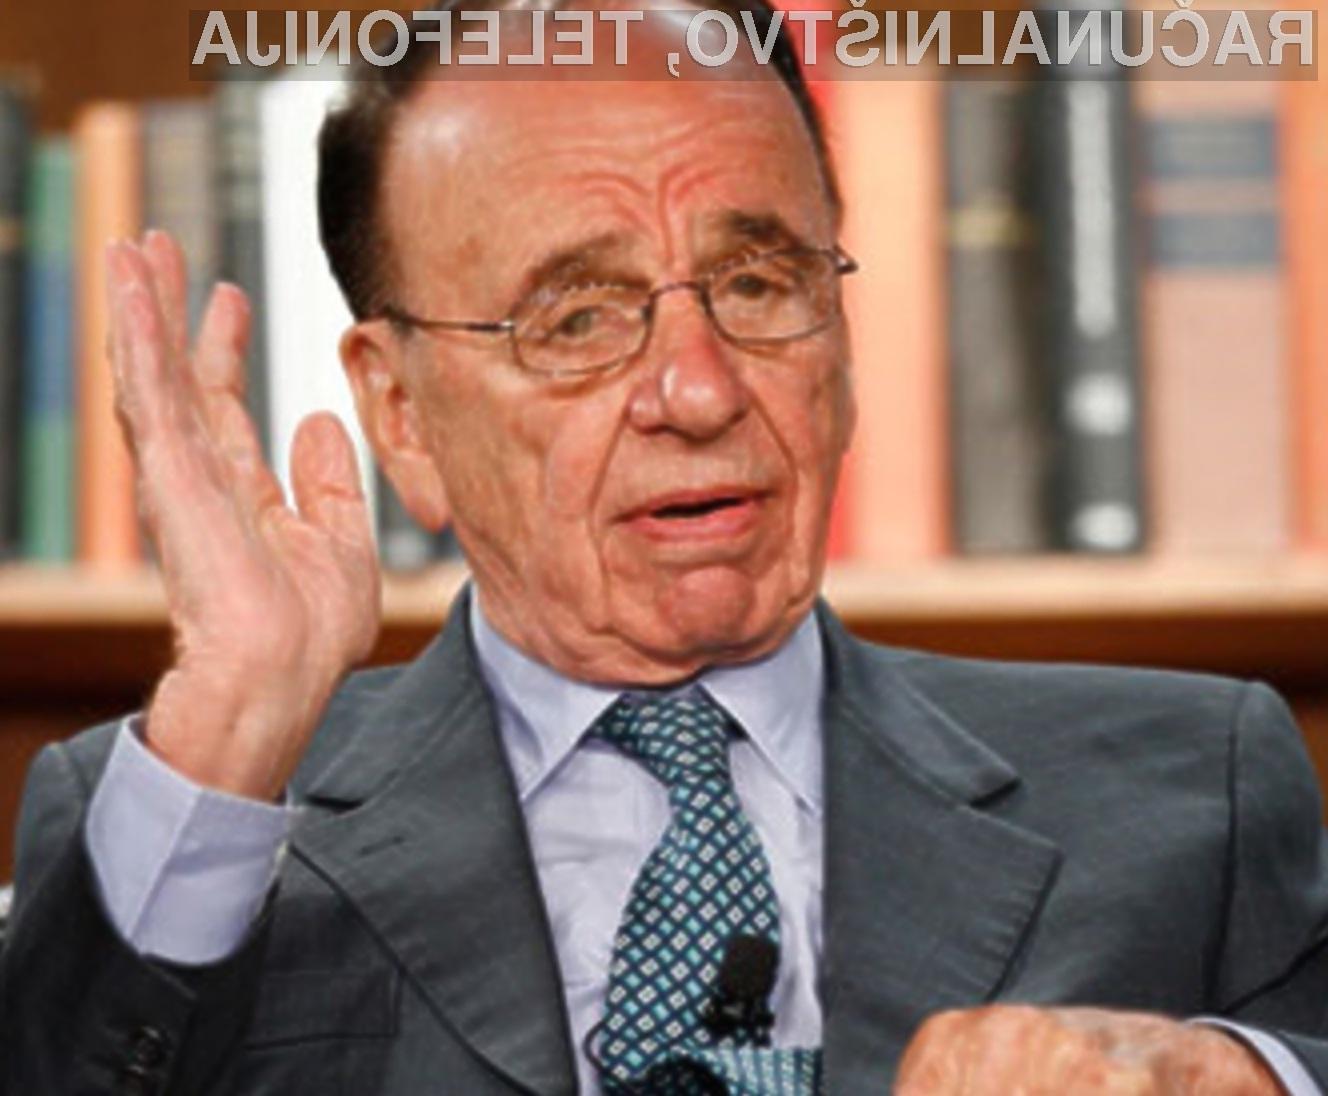 Medijski baron Rupert Murdoch naj bi s pomočjo hekerjev prevzel vodilni položaj na področju britanske plačljive televizije.